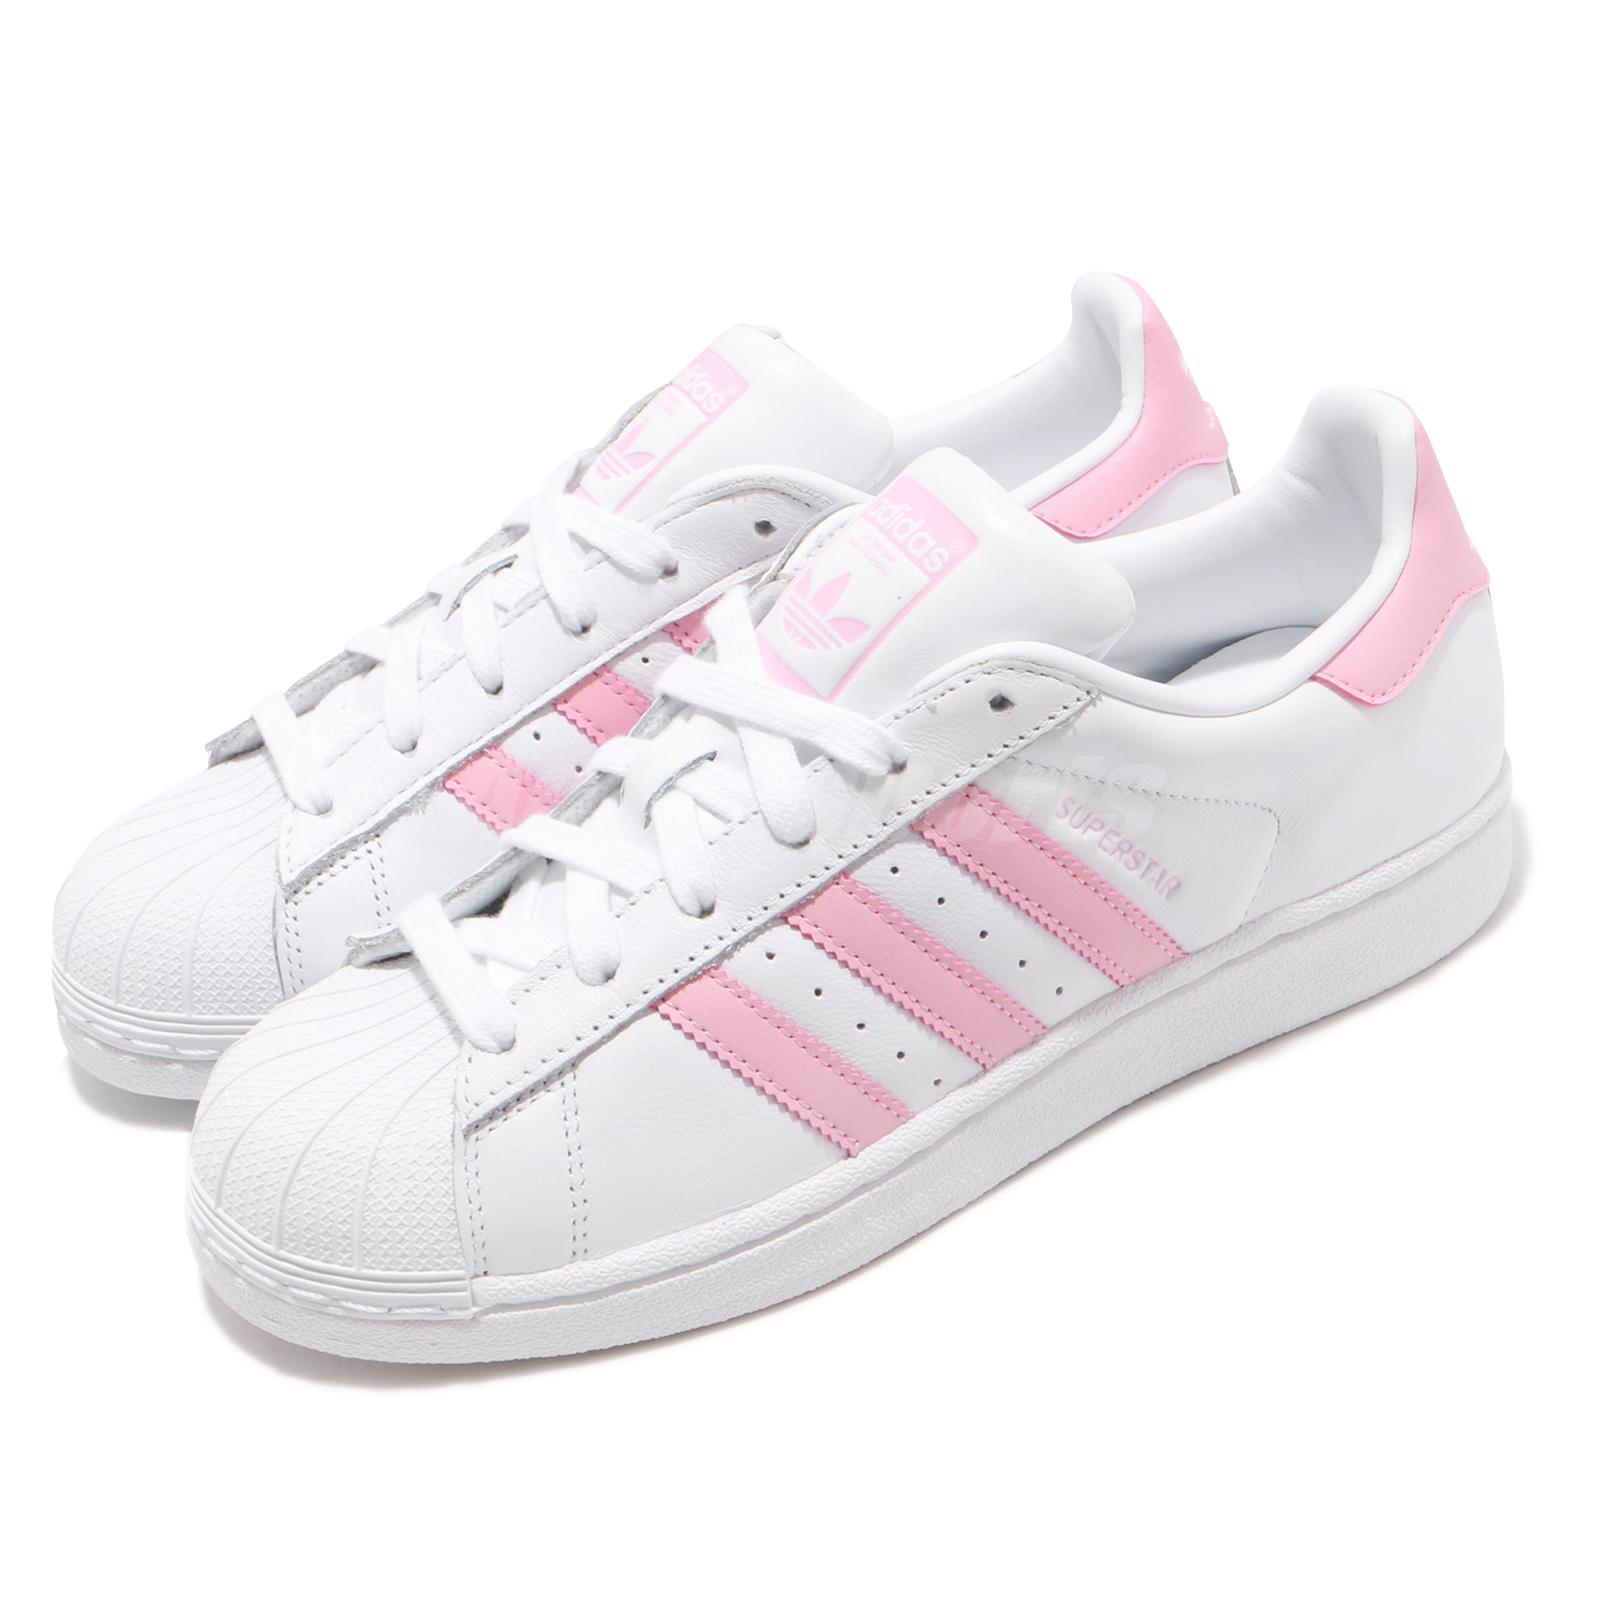 superstar adidas in pink